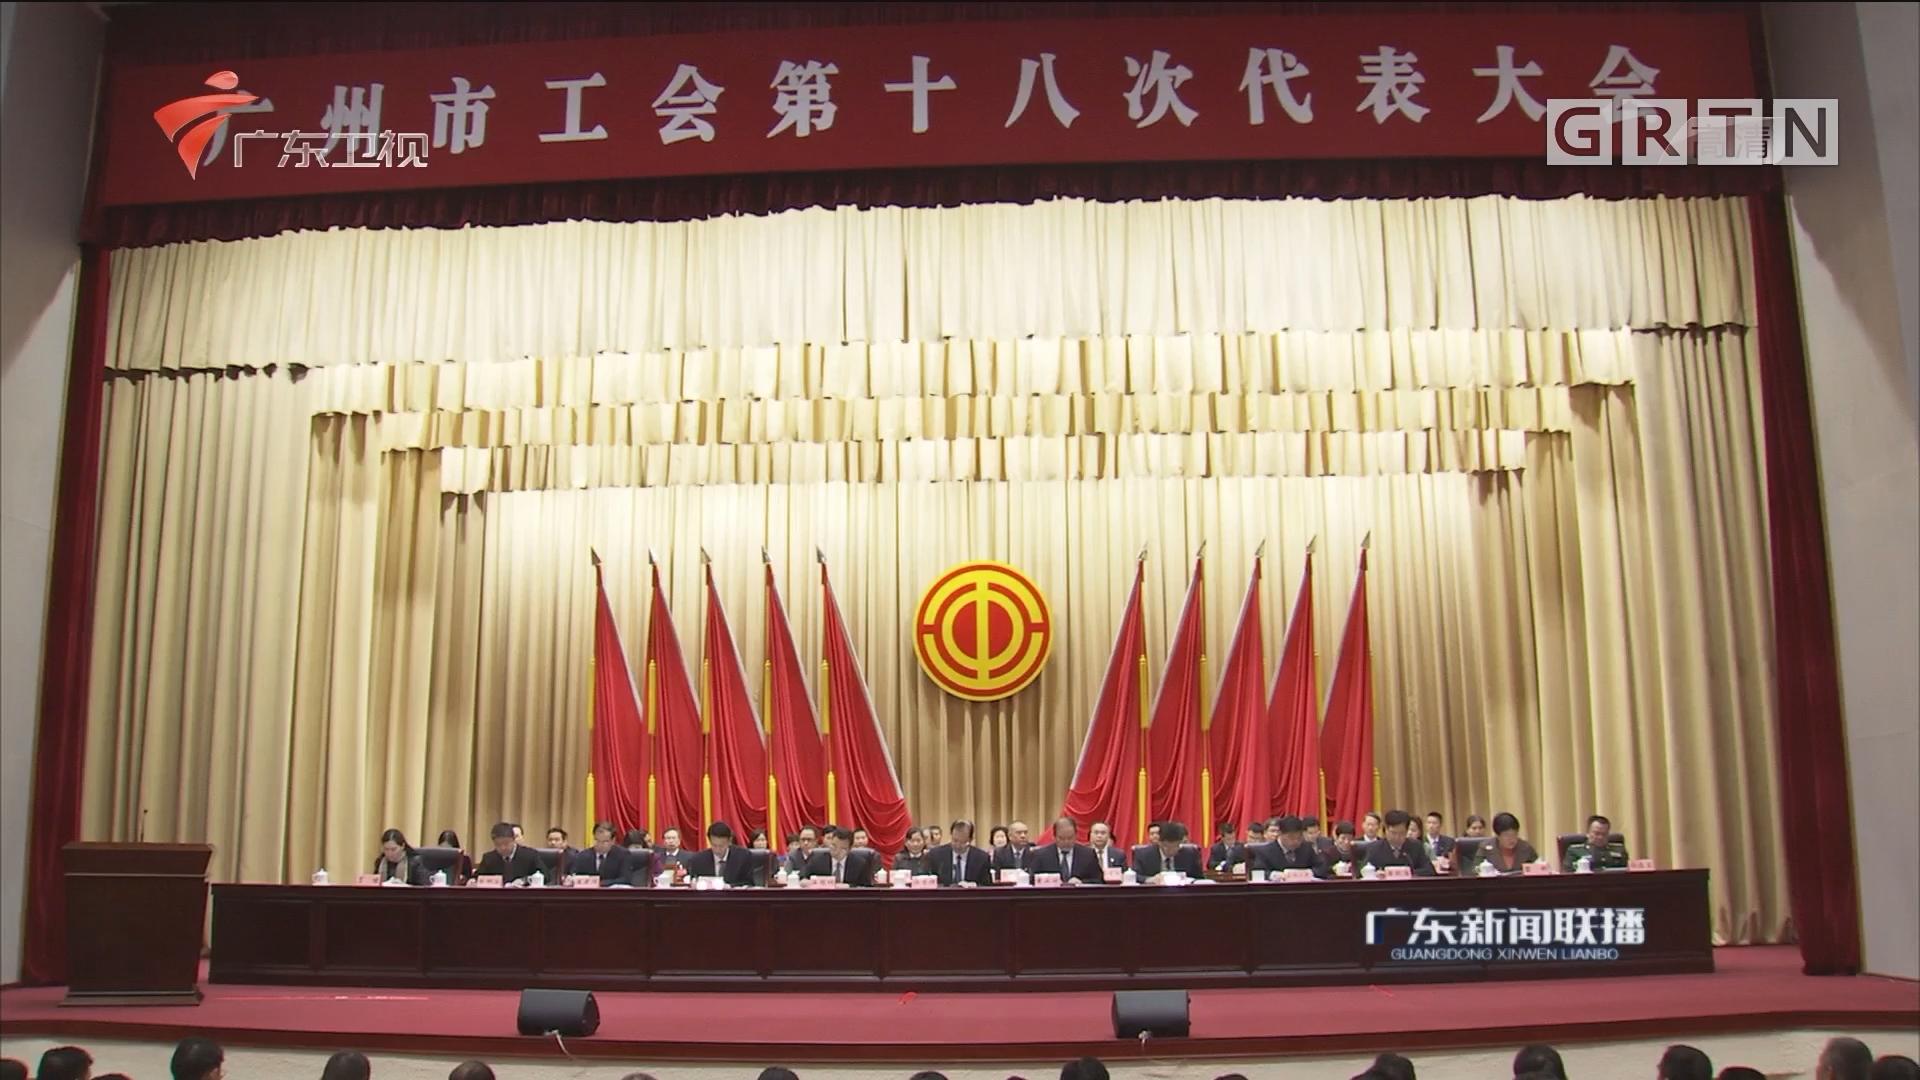 团结带领广大职工群众  推进广州高质量发展